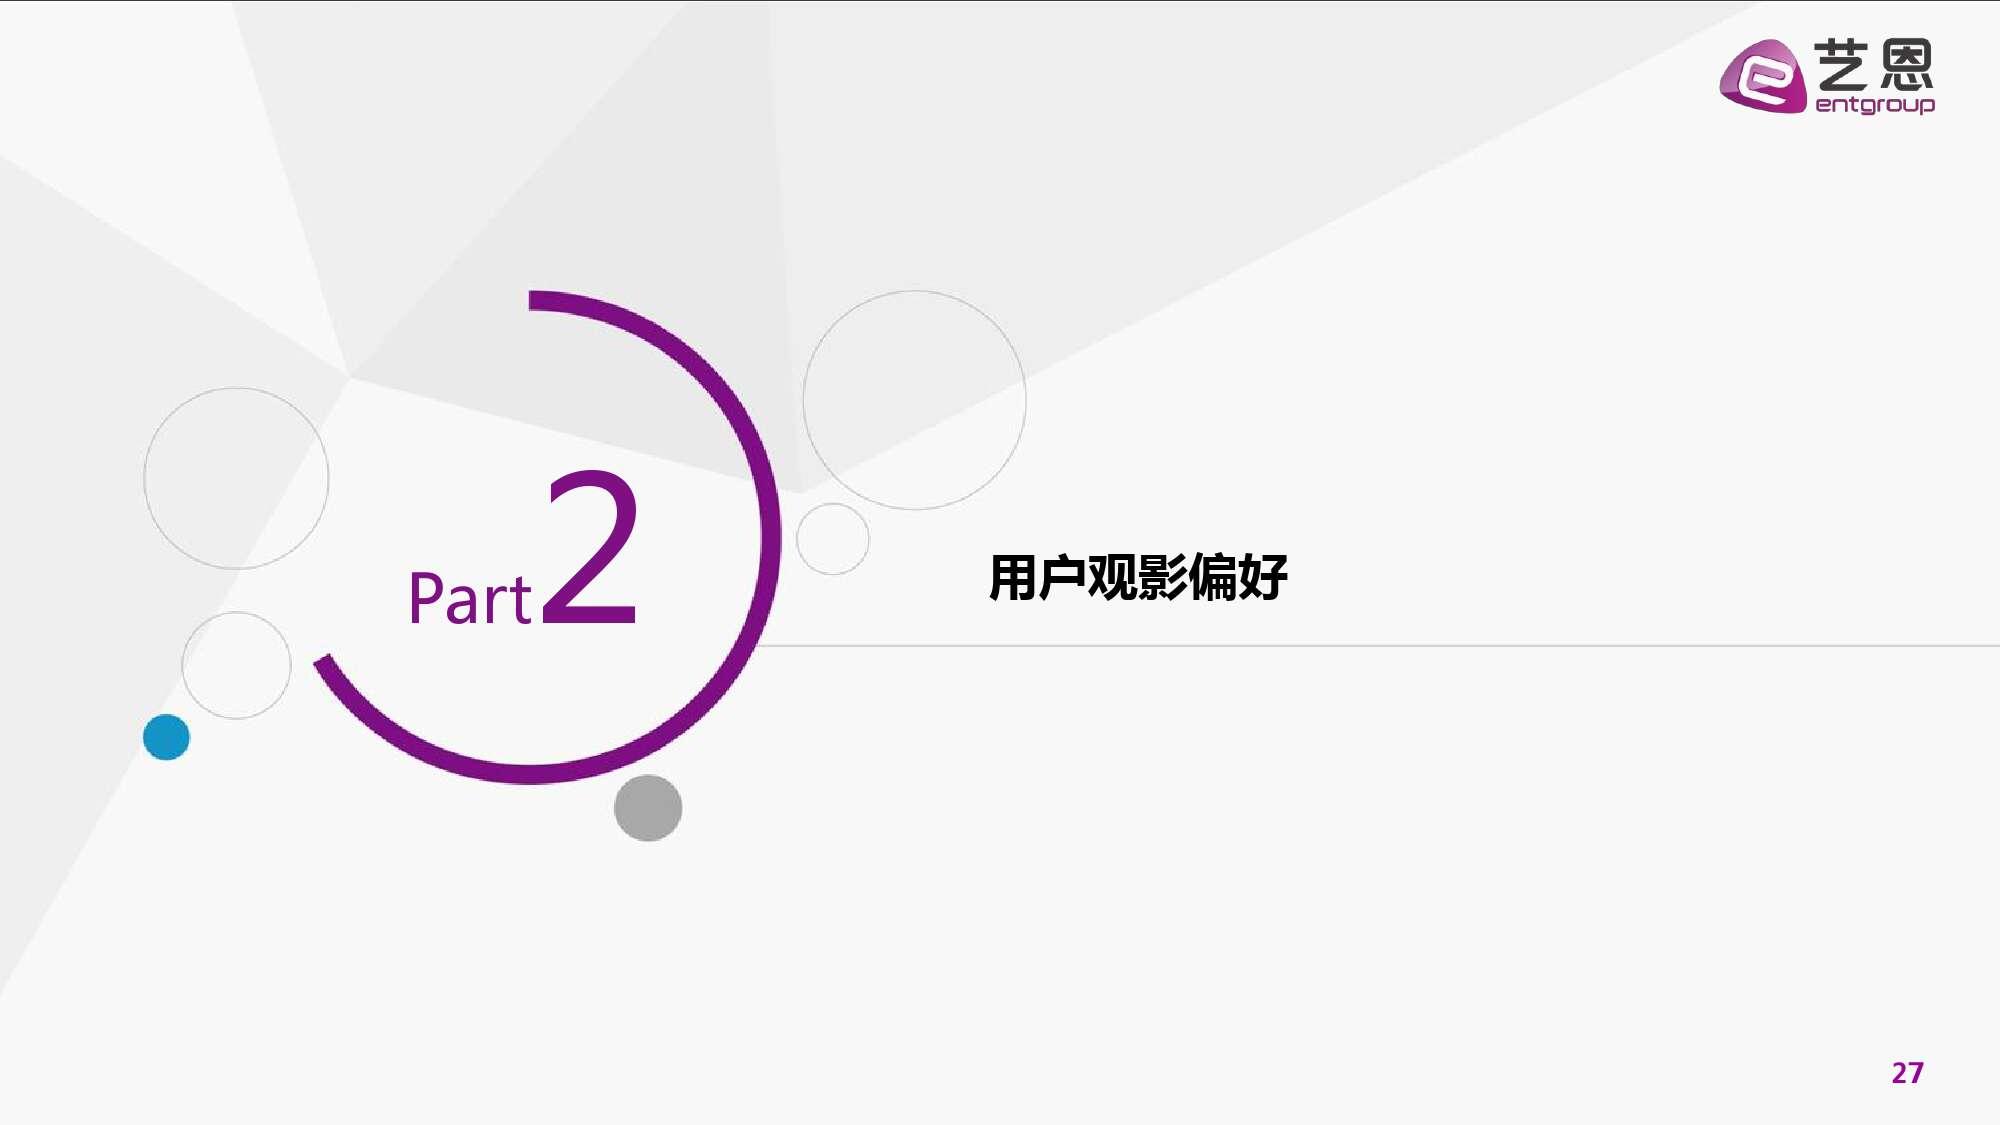 2016年中国电影在线票务市场研究报告_000027